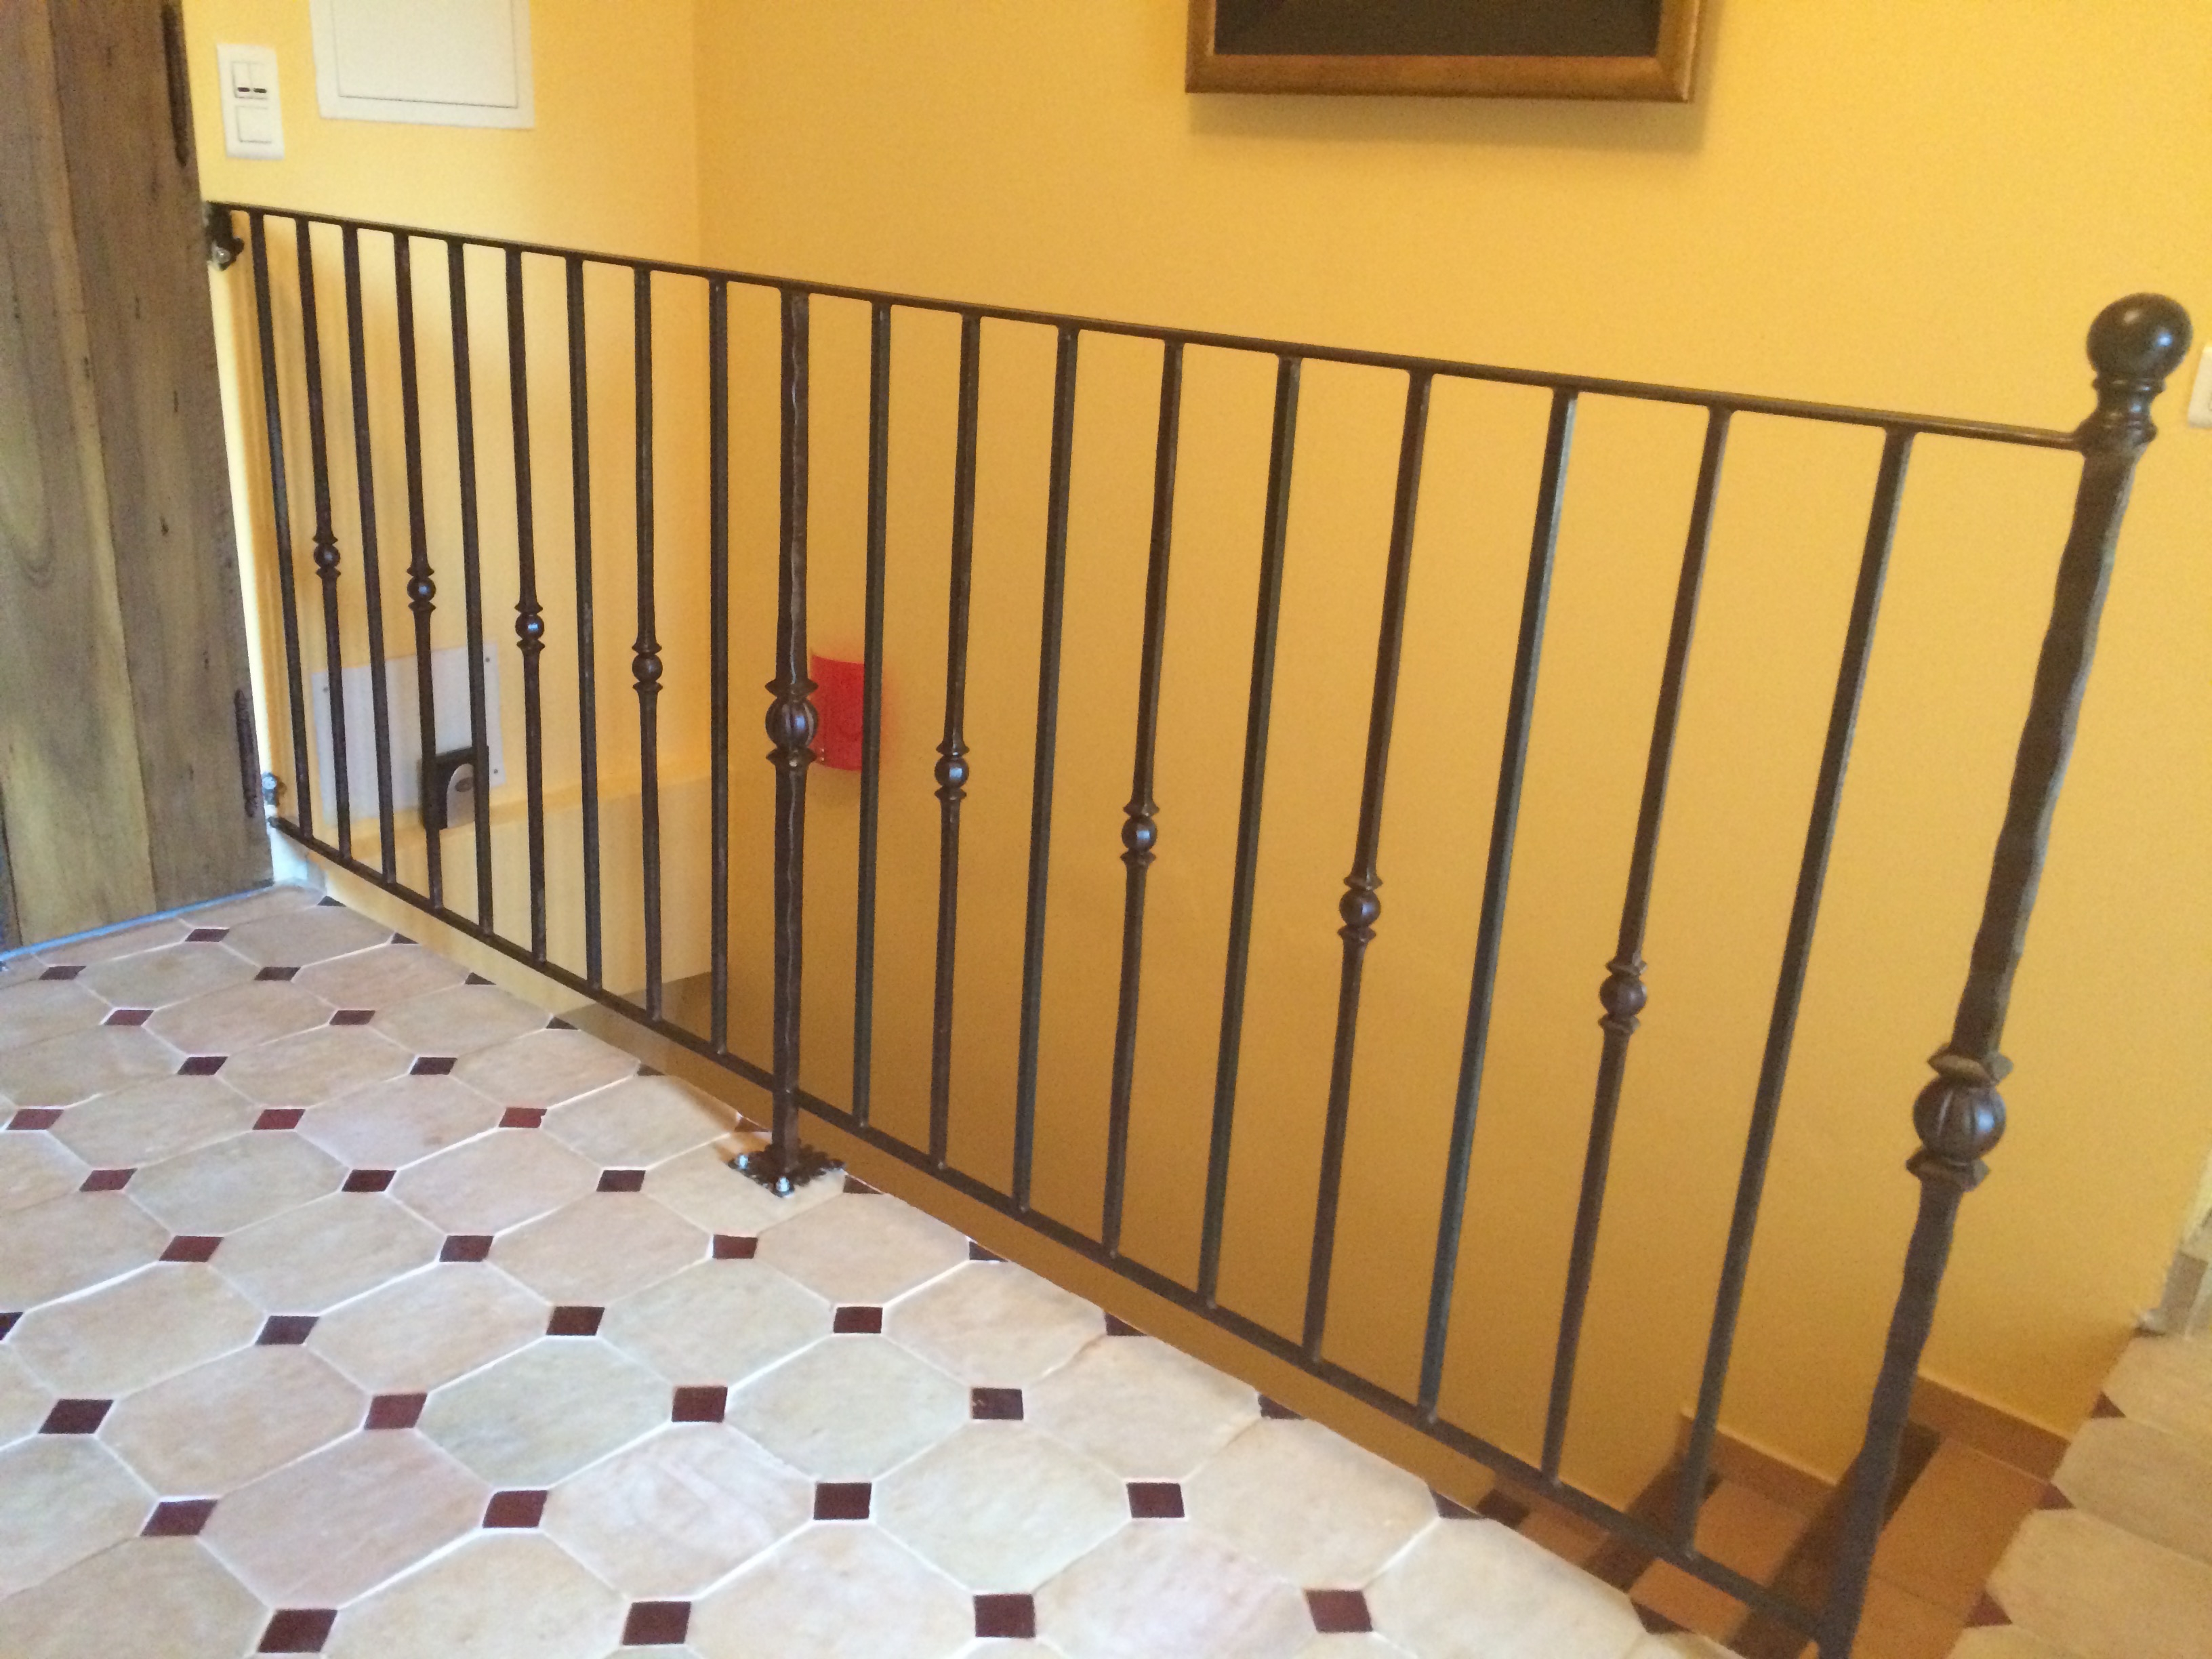 A la demande de notre client nous avons fabriqué sur mesure un garde corps de protection escalier avec décors de notre gamme . Localisation